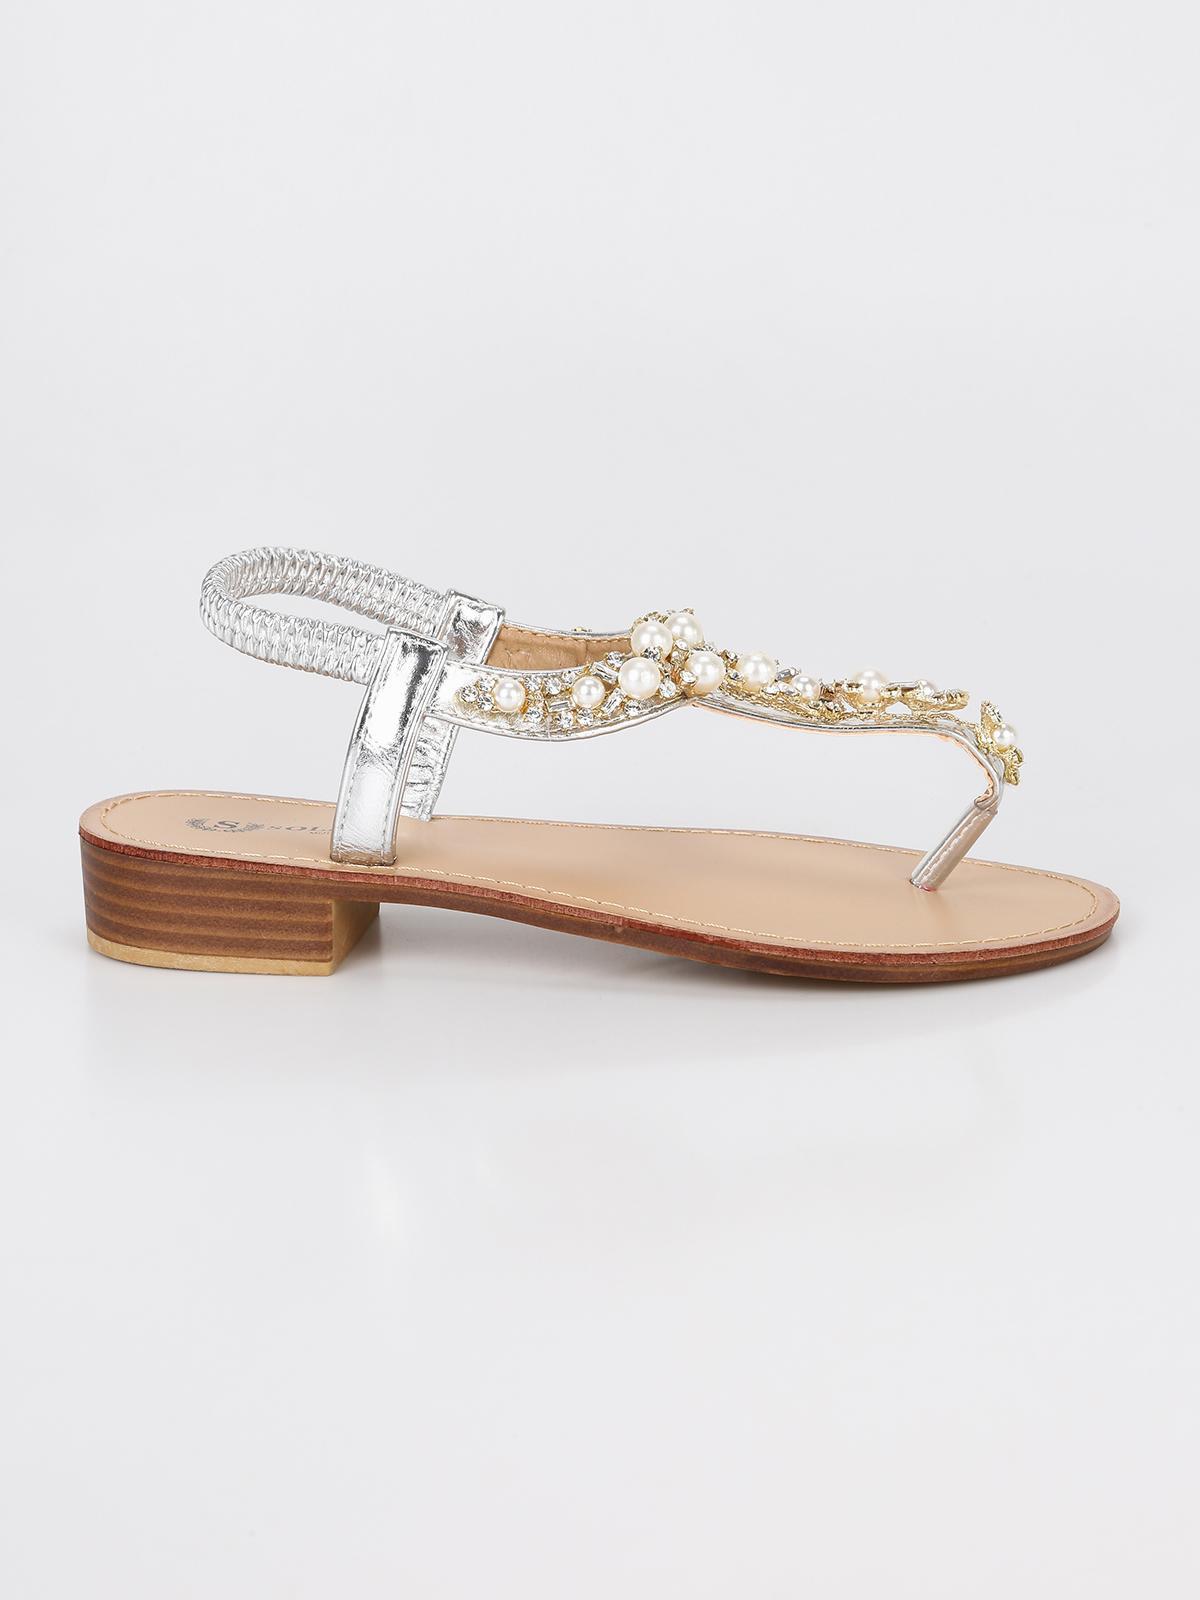 00e8157d34 Sandali infradito con perle e strass - argento solada | MecShopping